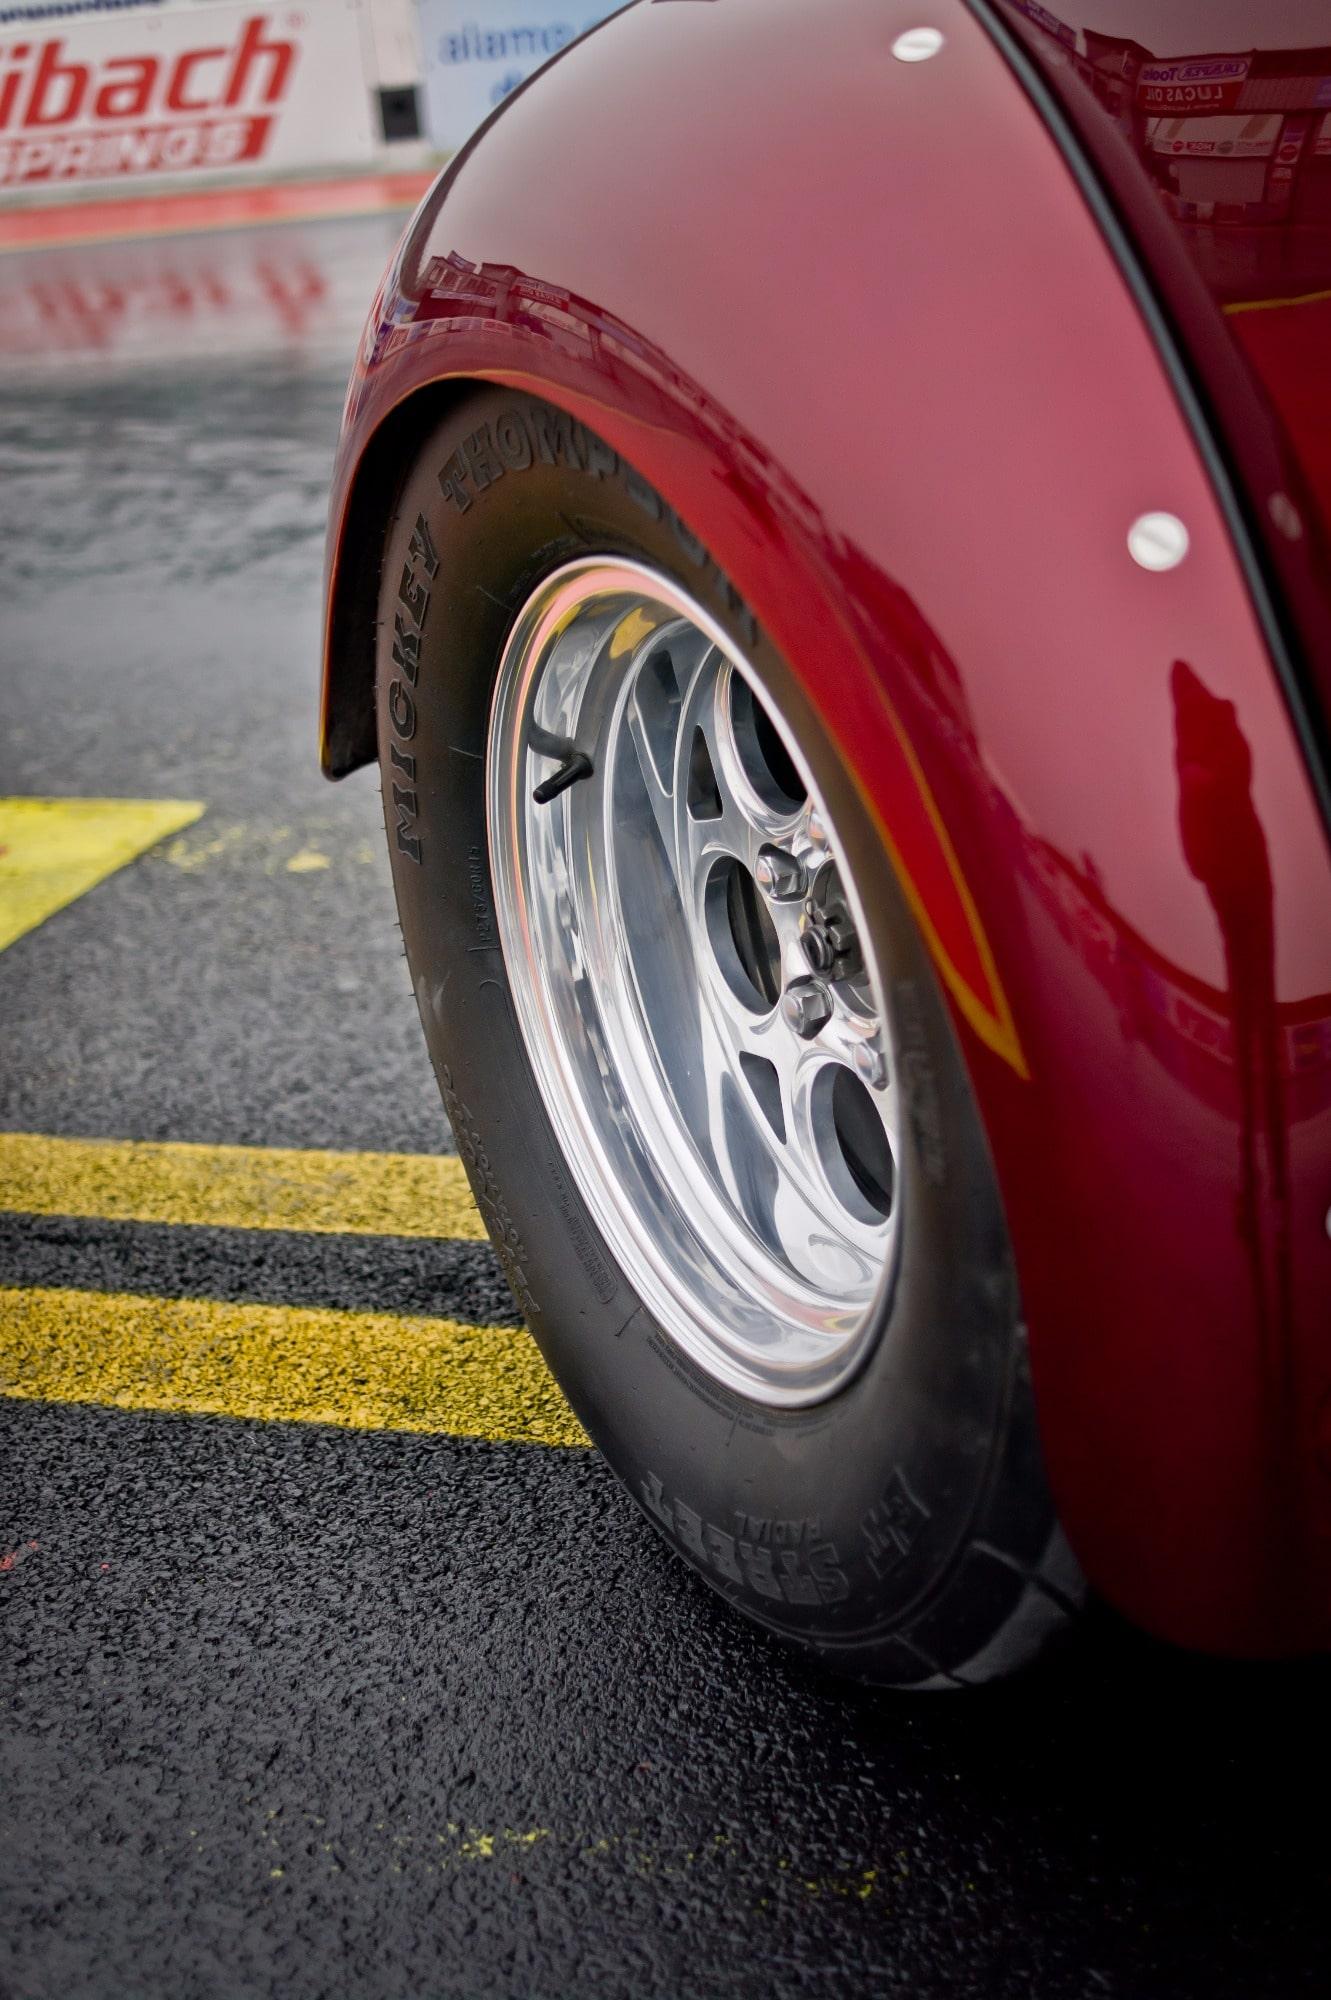 Beetle tyre